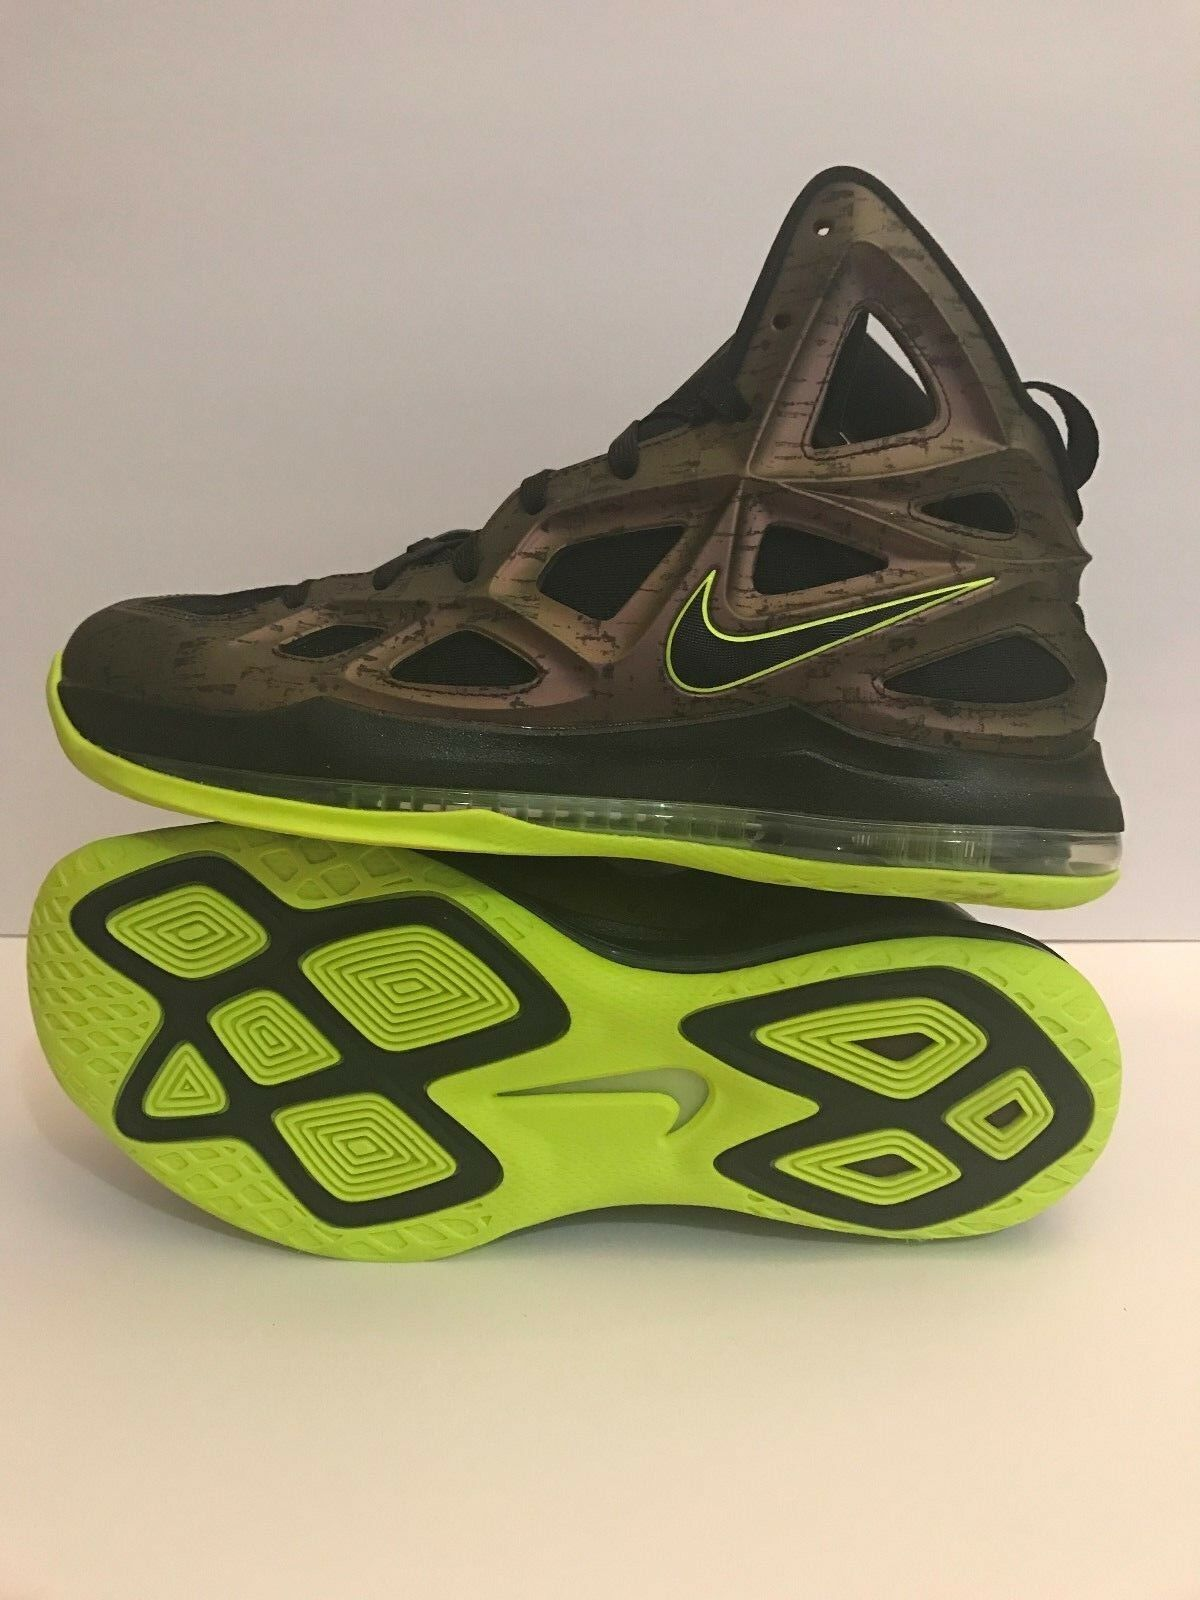 Nike - posite 2 653466-607 sz